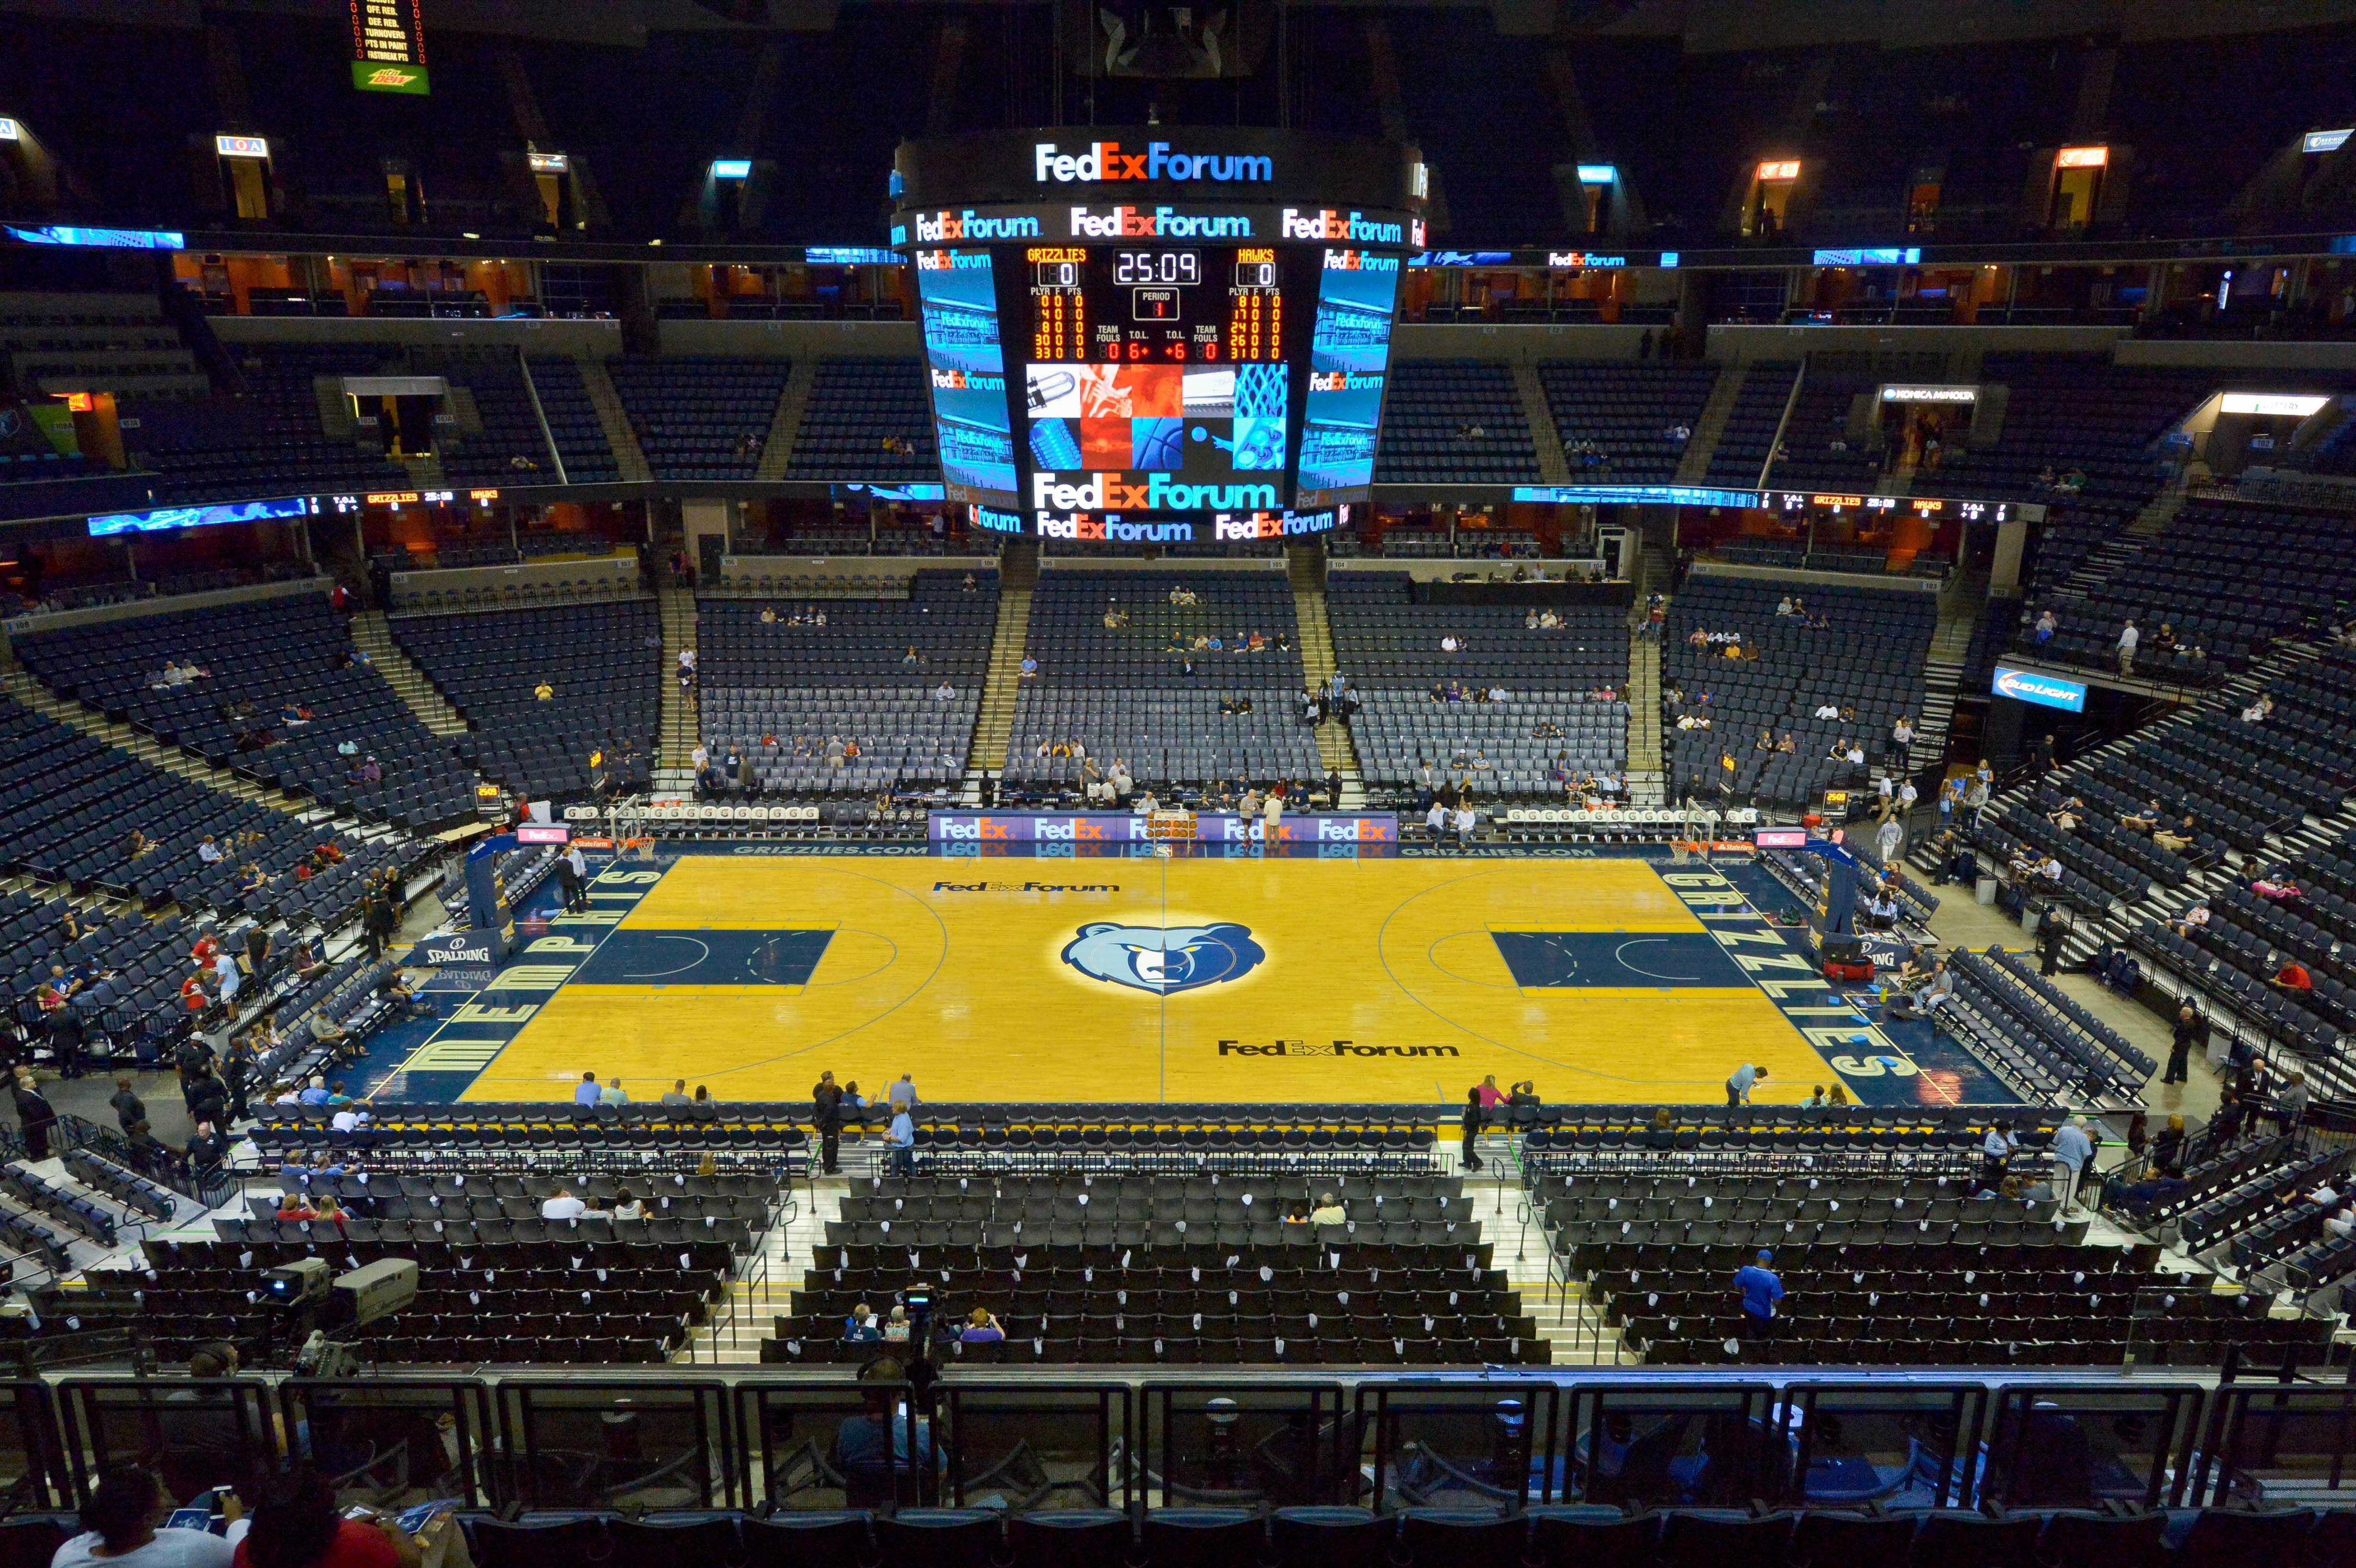 NBA: Preseason-Atlanta Hawks at Memphis Grizzlies